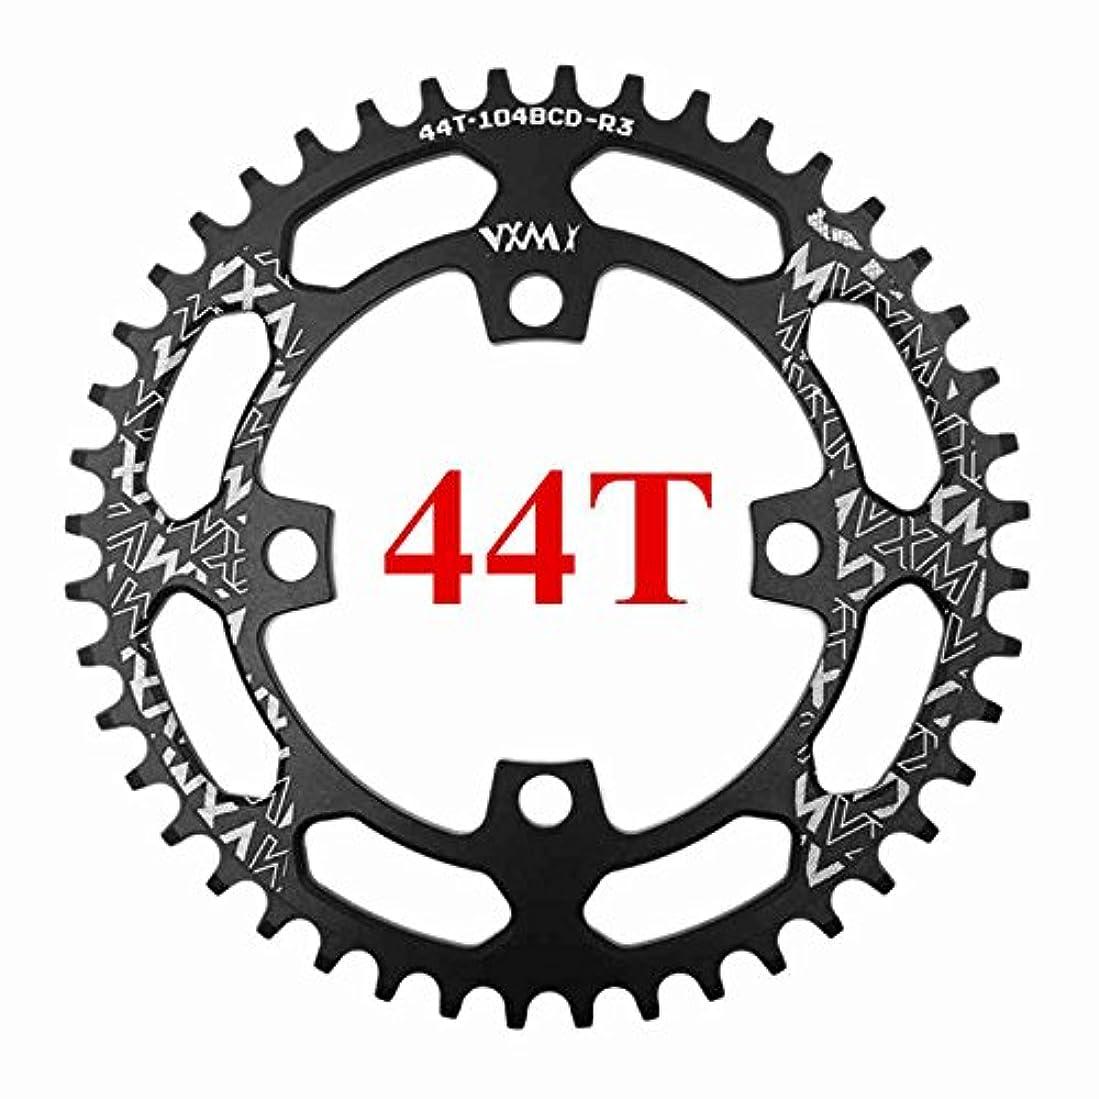 文庫本変形マーカーPropenary - 自転車104BCDクランクオーバルラウンド30T 32T 34T 36T 38T 40T 42T 44T 46T 48T 50T 52TチェーンホイールXT狭い広い自転車チェーンリング[ラウンド44Tブラック]